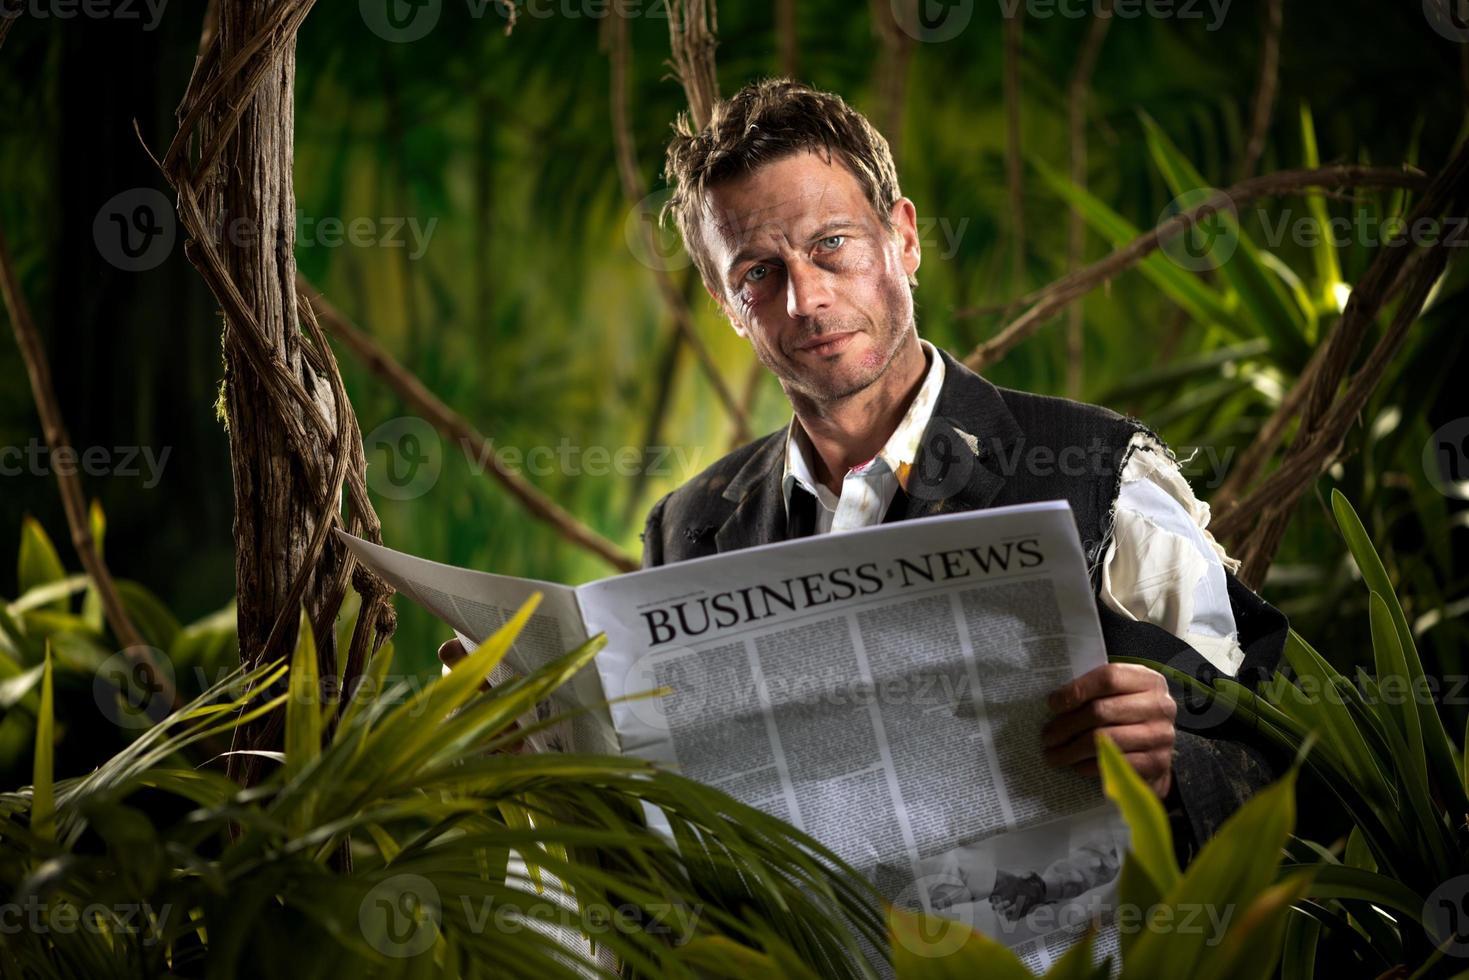 empresário lendo notícias financeiras na selva foto